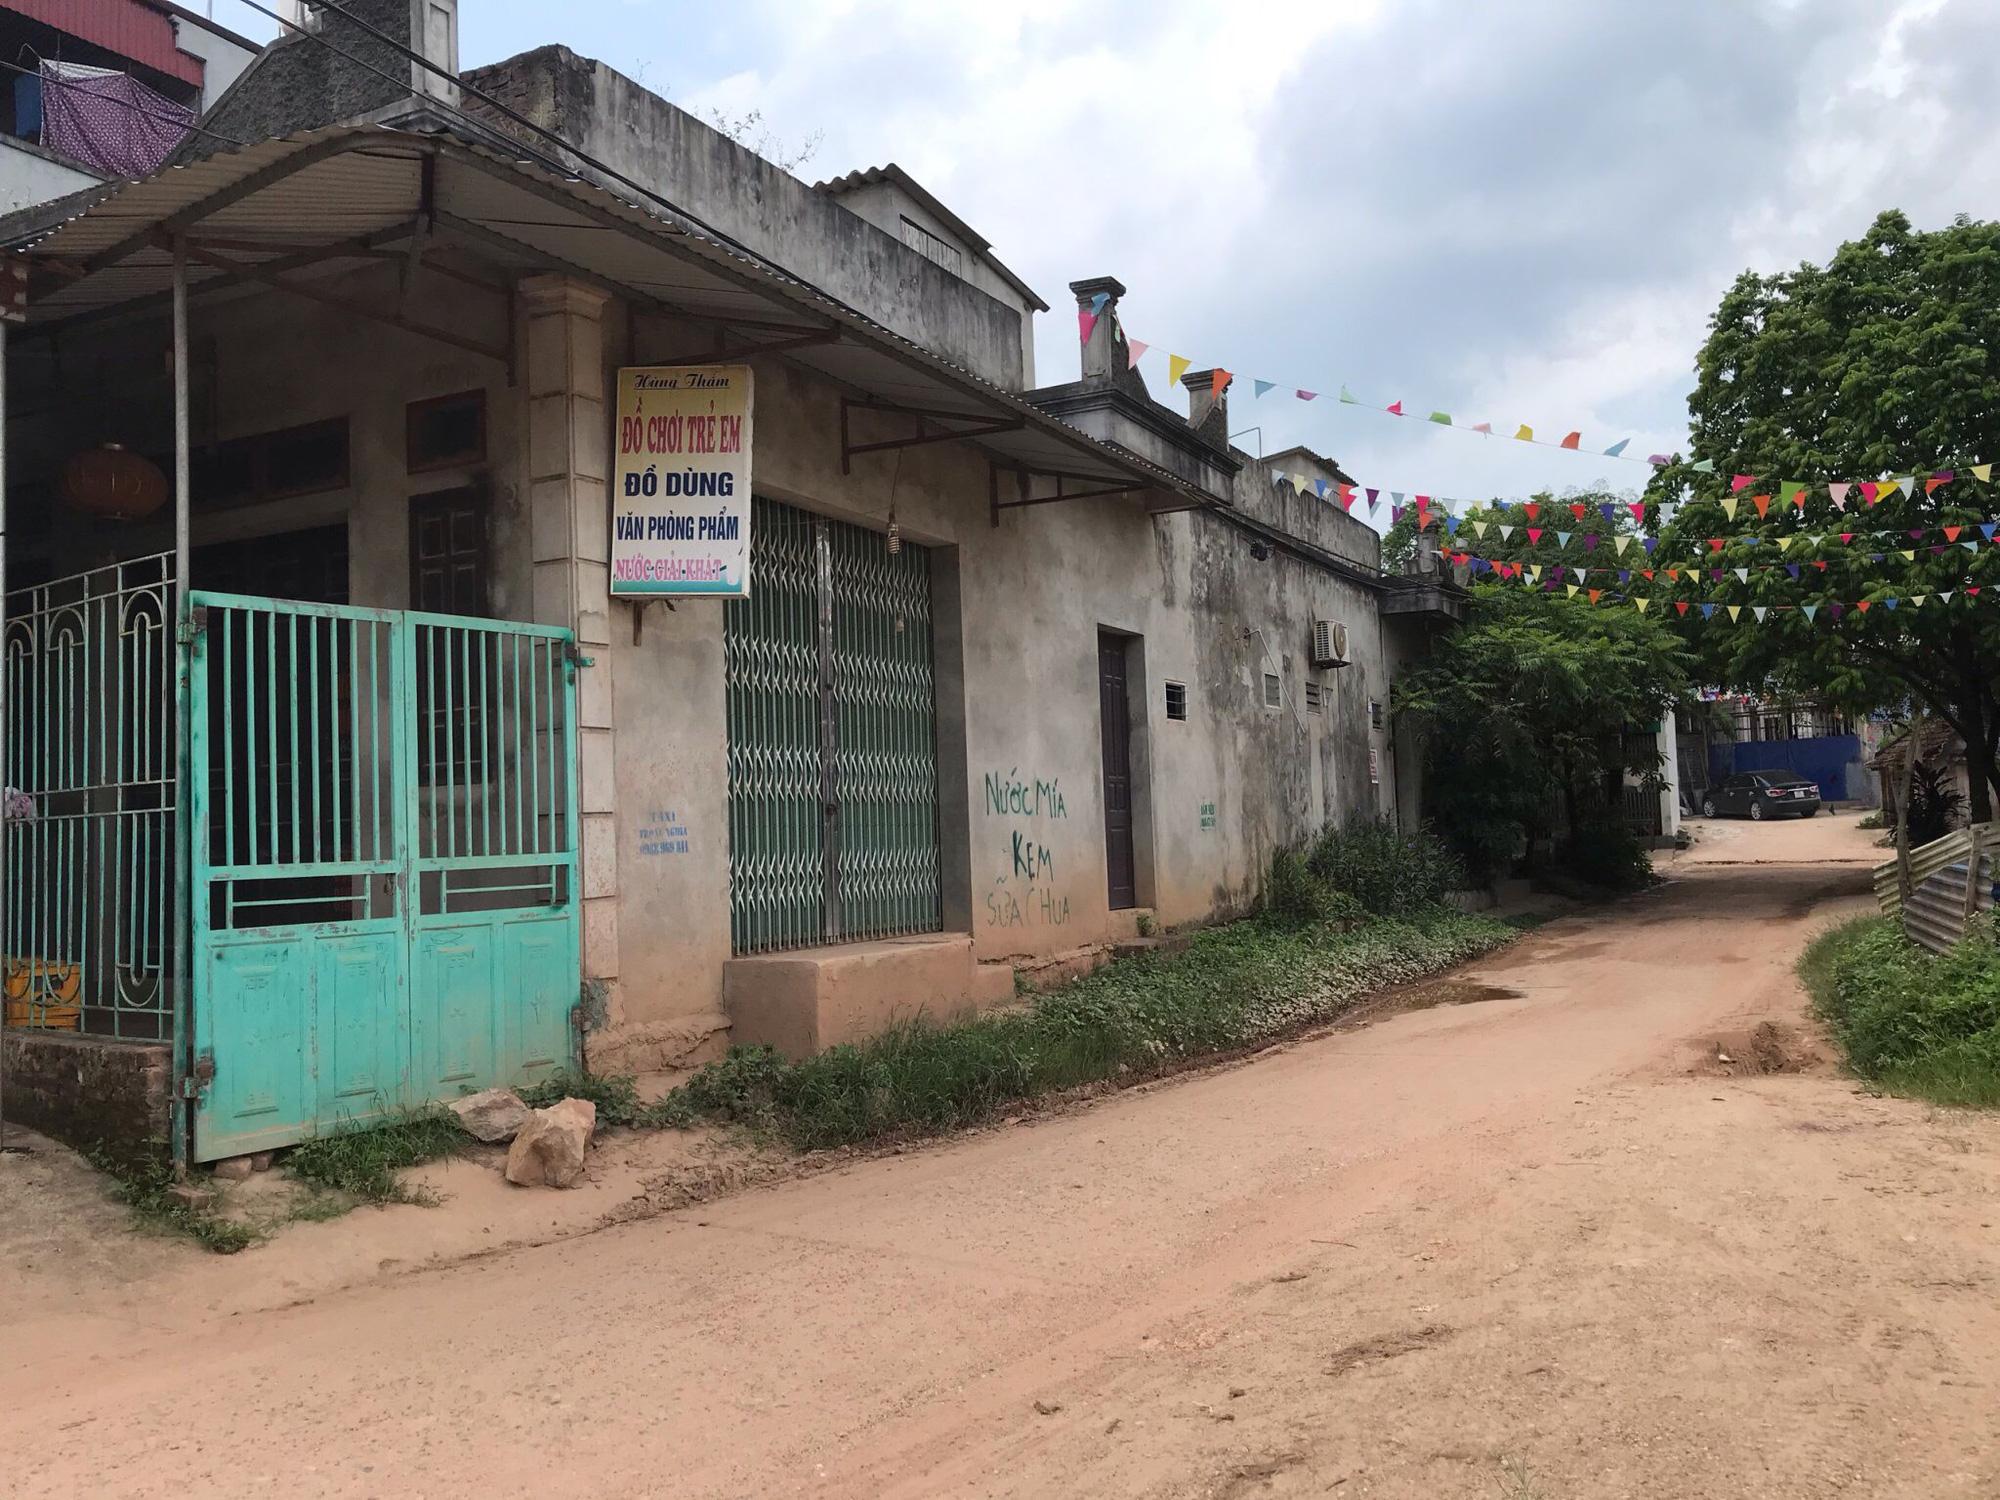 Thái Nguyên: Hội người cao tuổi xóm ký hợp đồng cho thuê đất 50 năm - Ảnh 3.